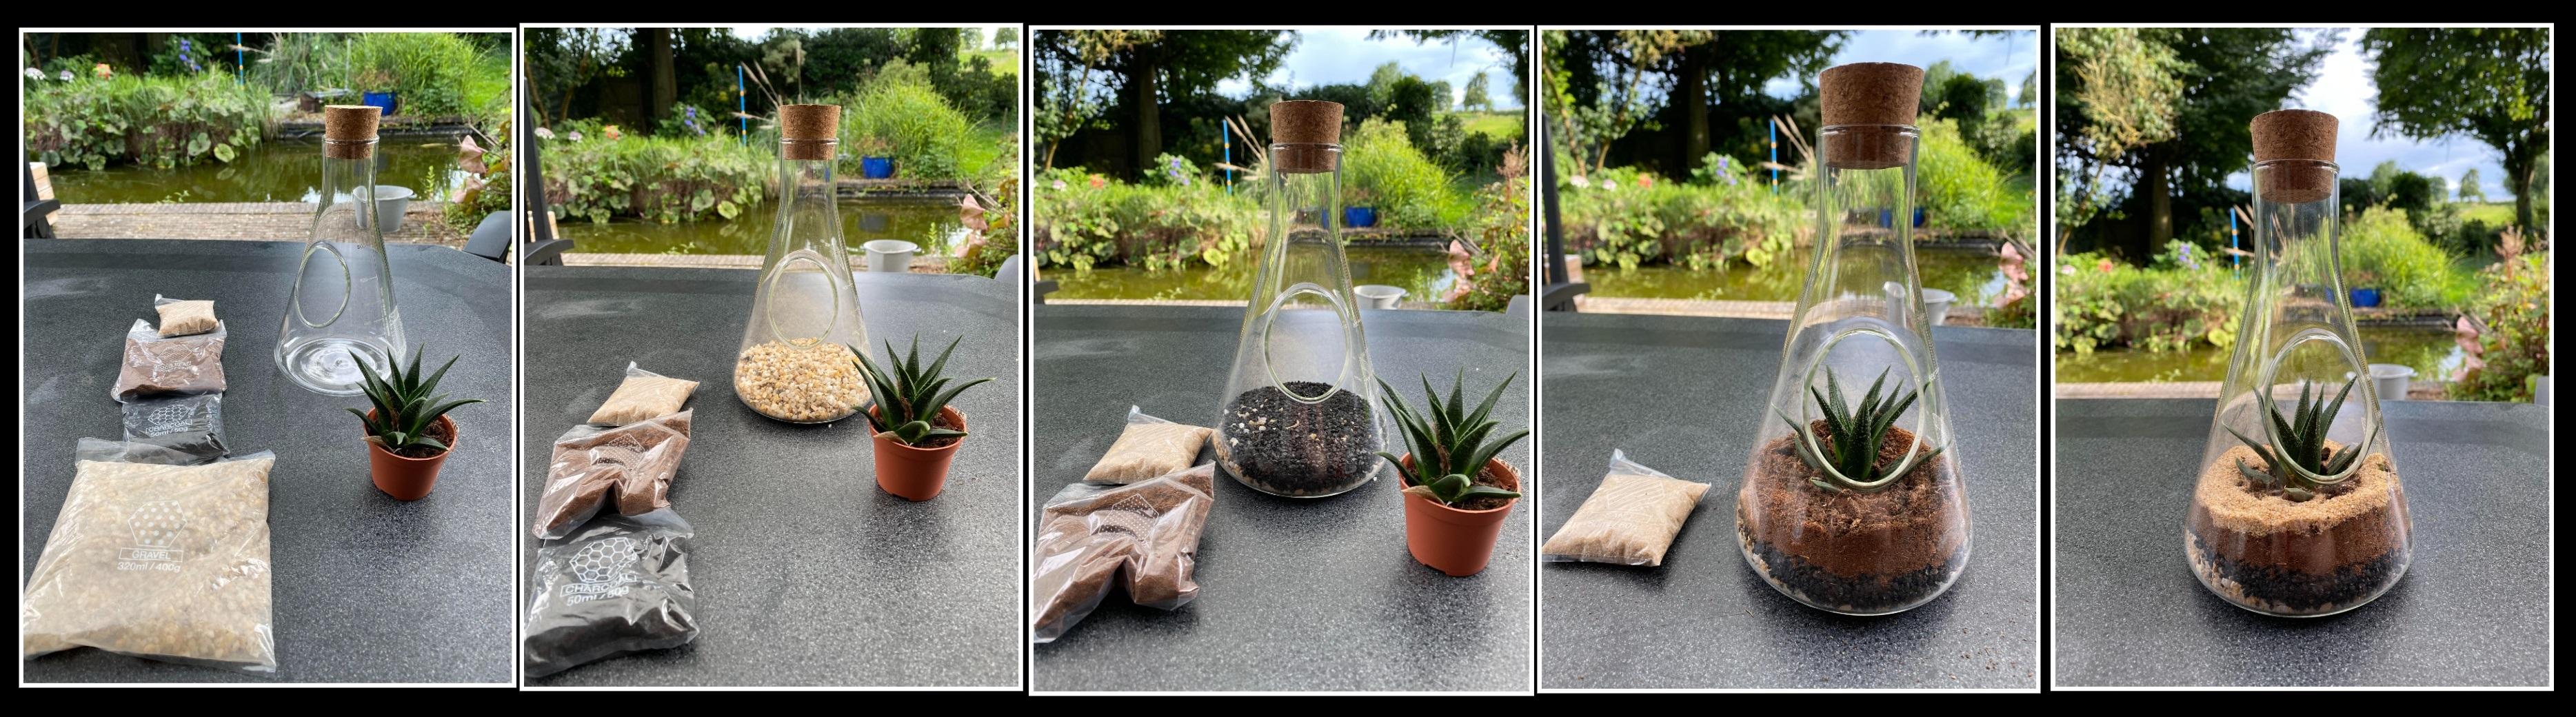 Chemistry terrarium collage